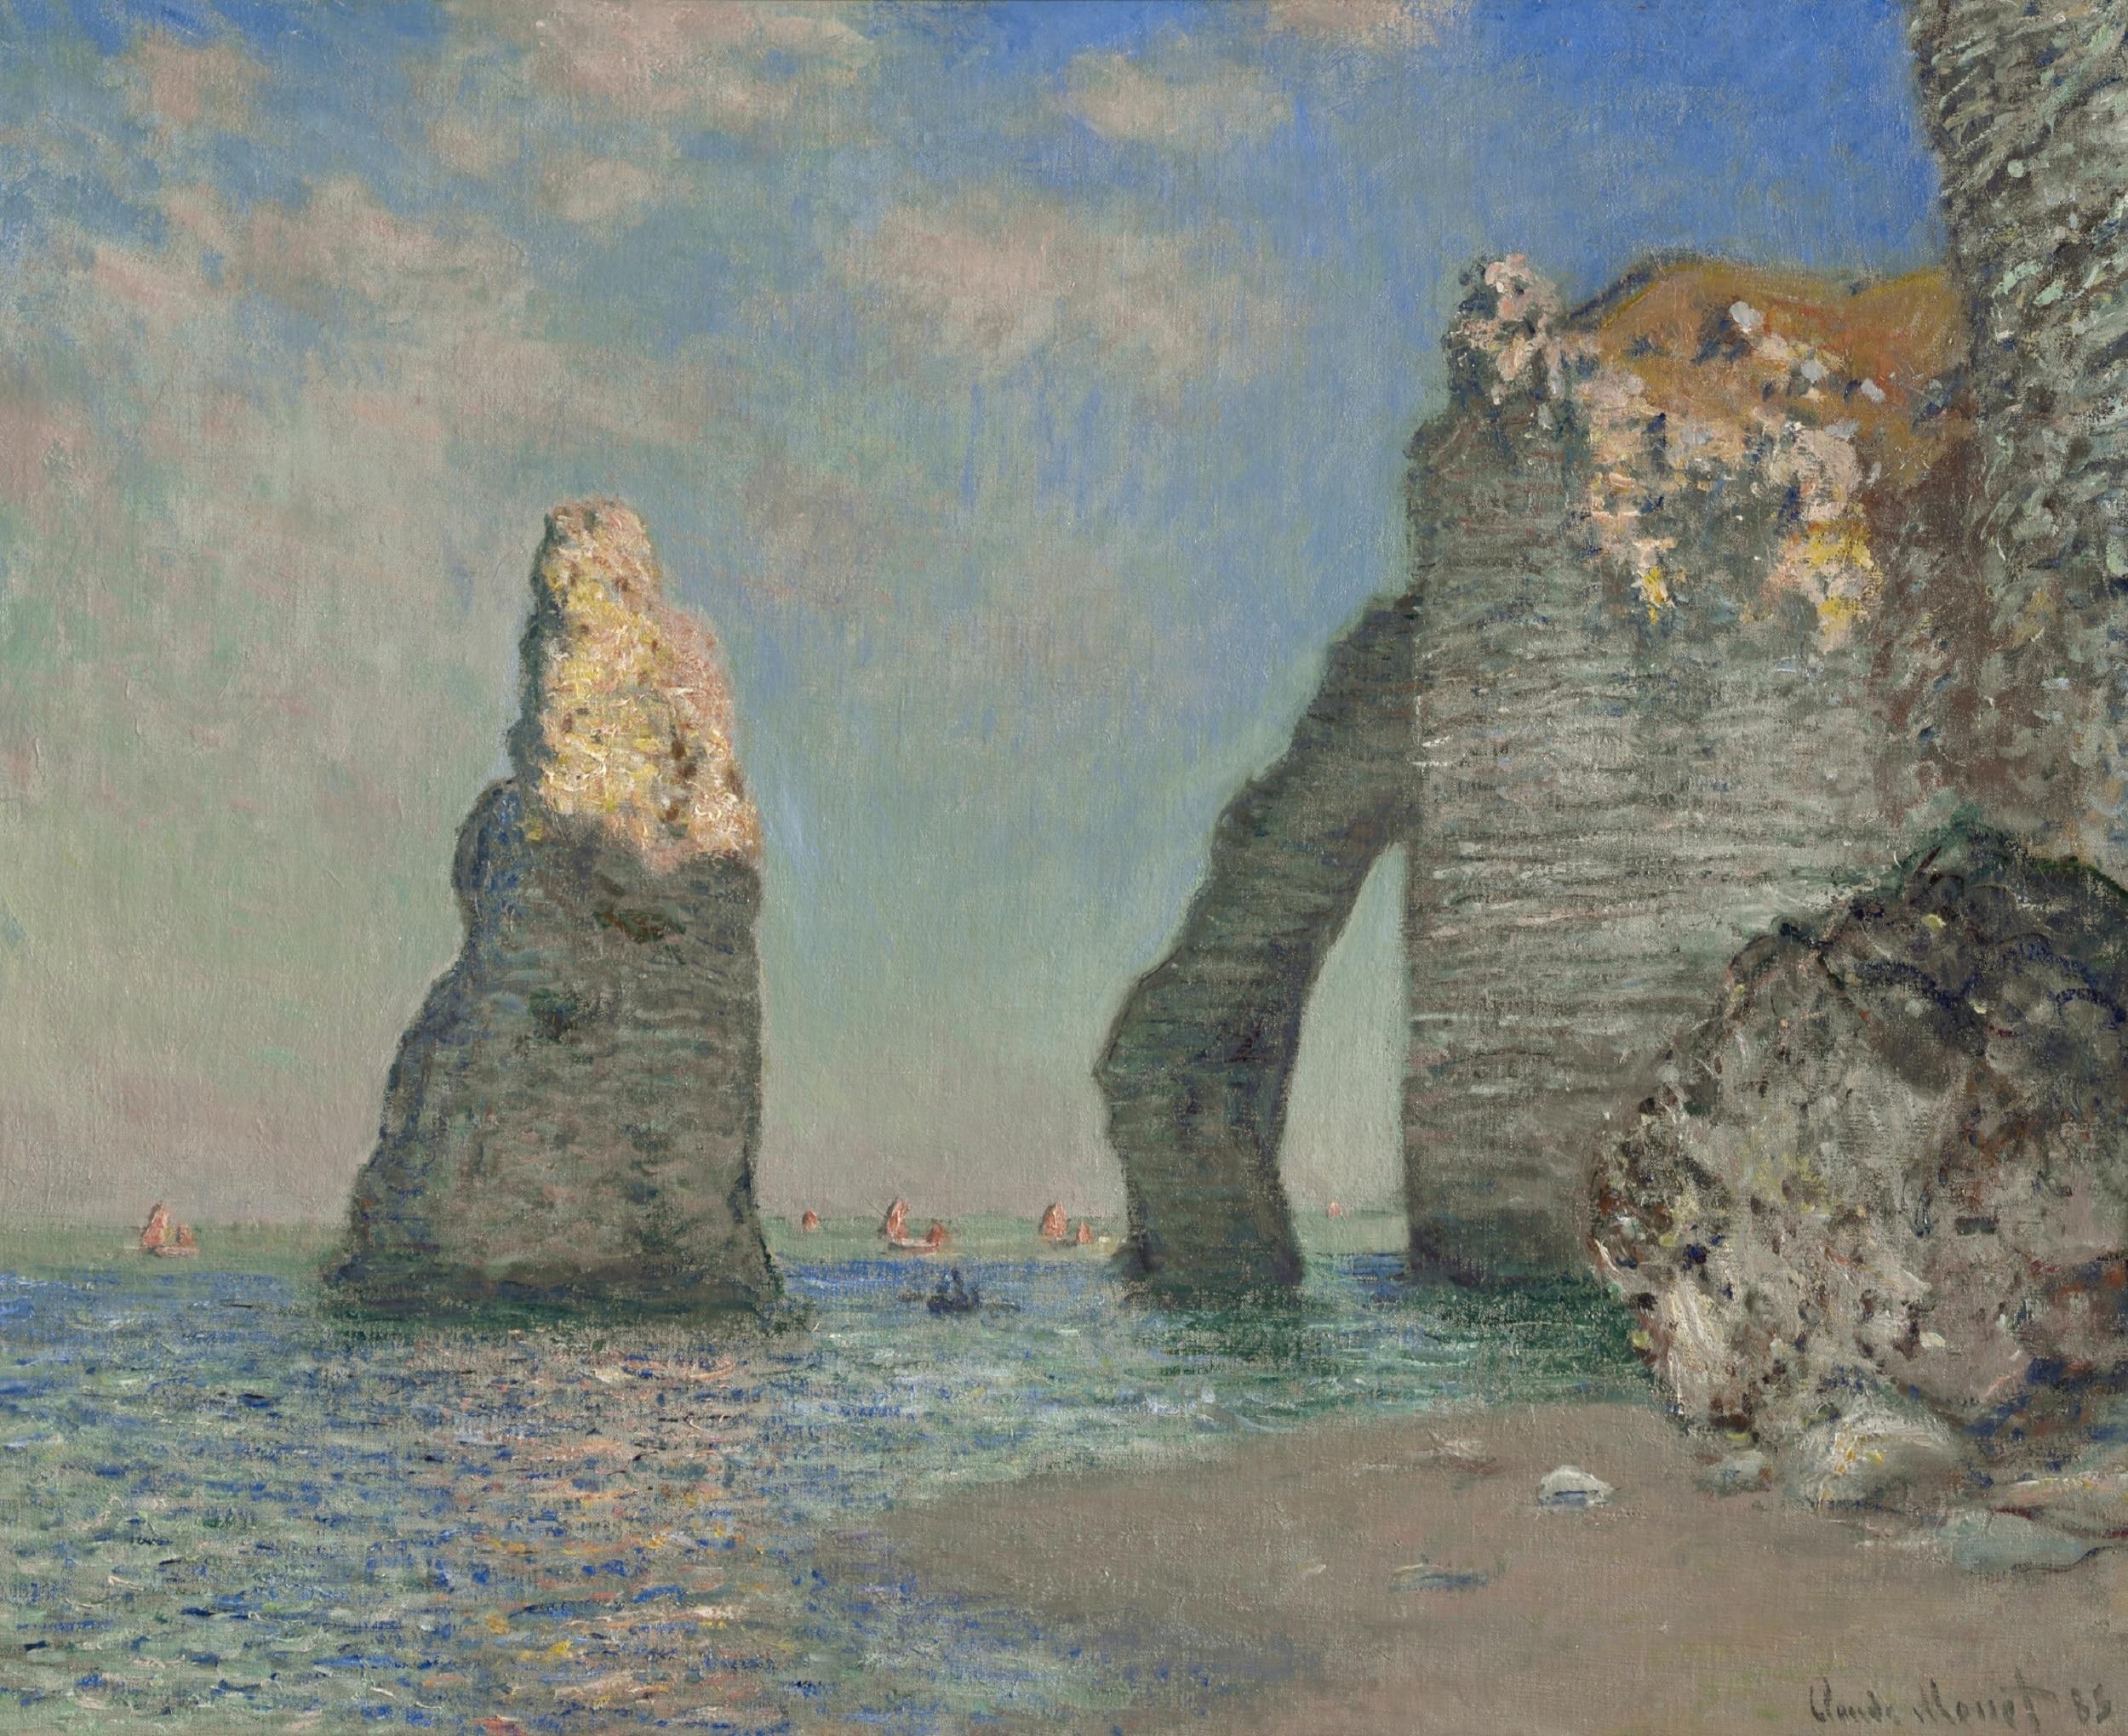 Claude Monet, L'Aiguille et la falaise d'Aval